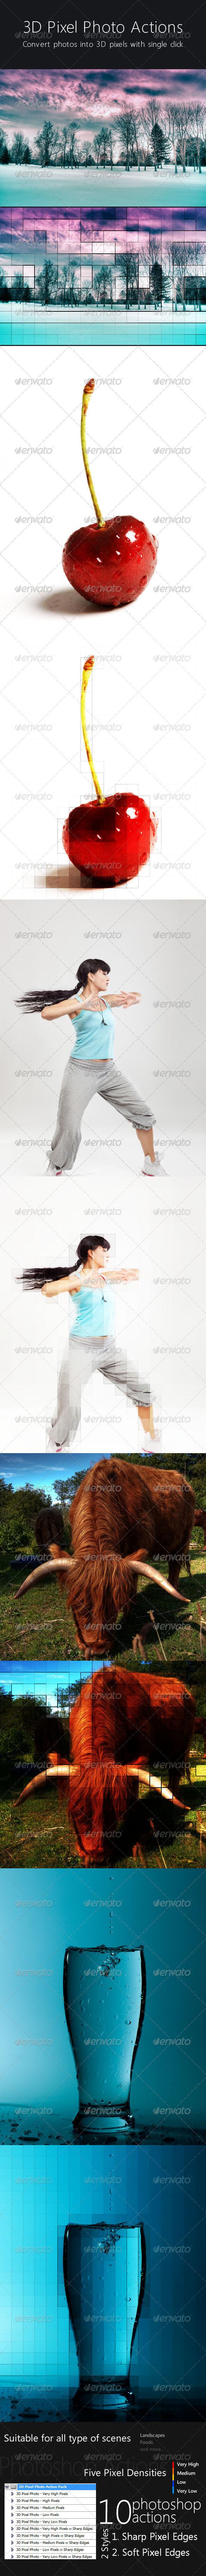 GraphicRiver 3D Pixel Photo Action 224444